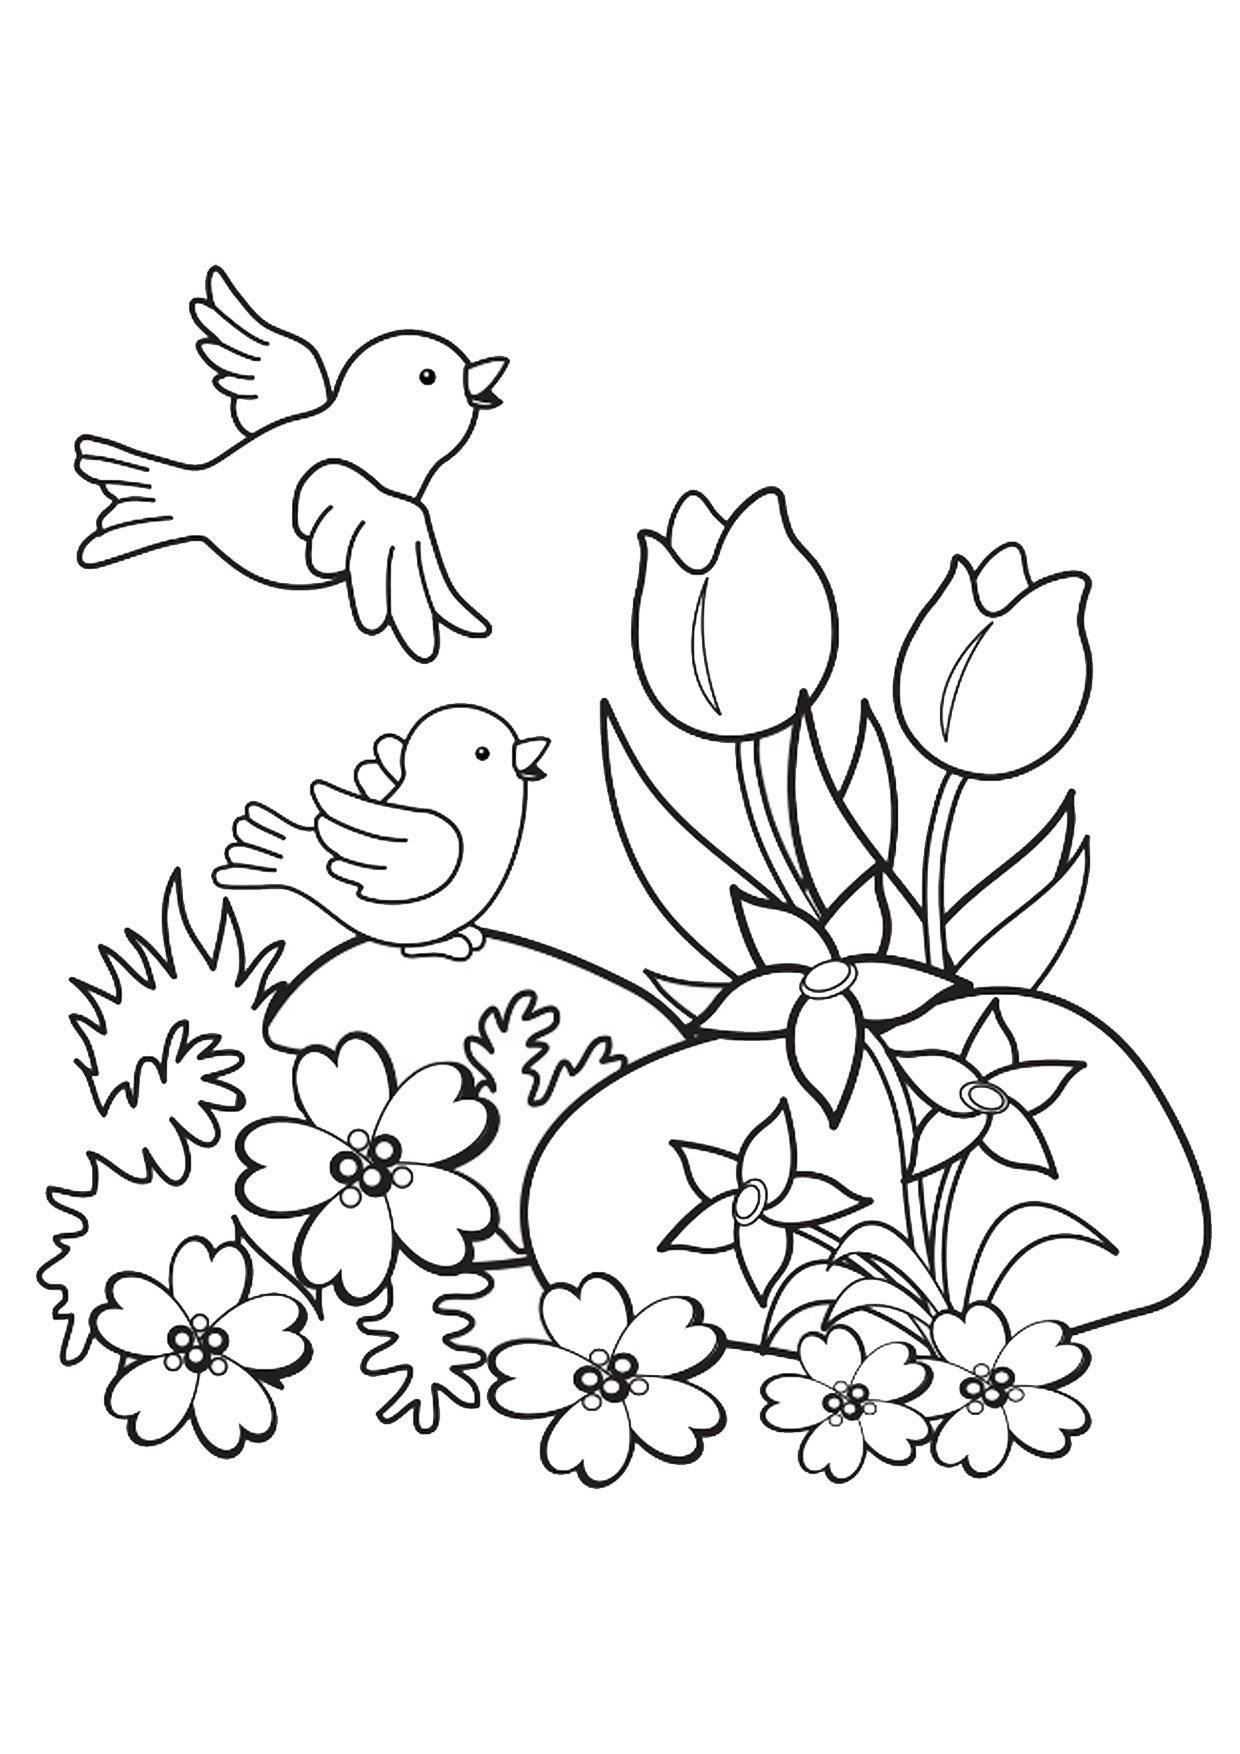 disegni sulla primavera da colorare